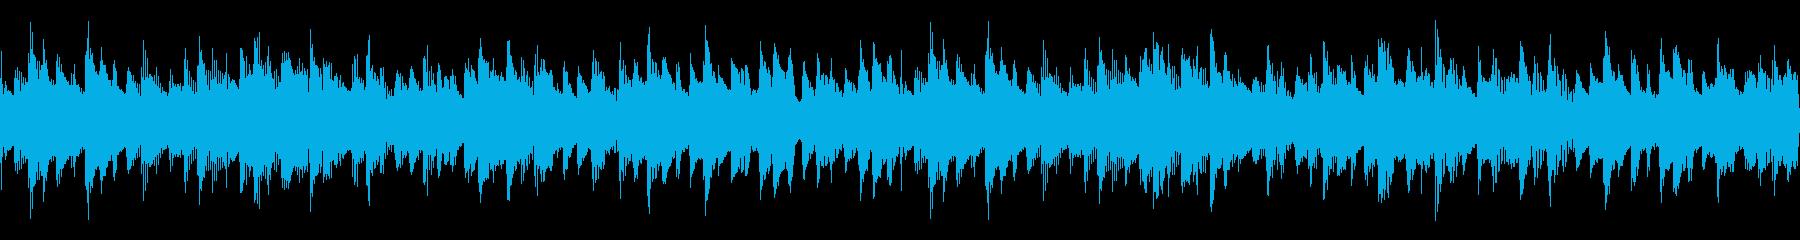 ポップなアコギと柔らかいオルゴールの曲の再生済みの波形